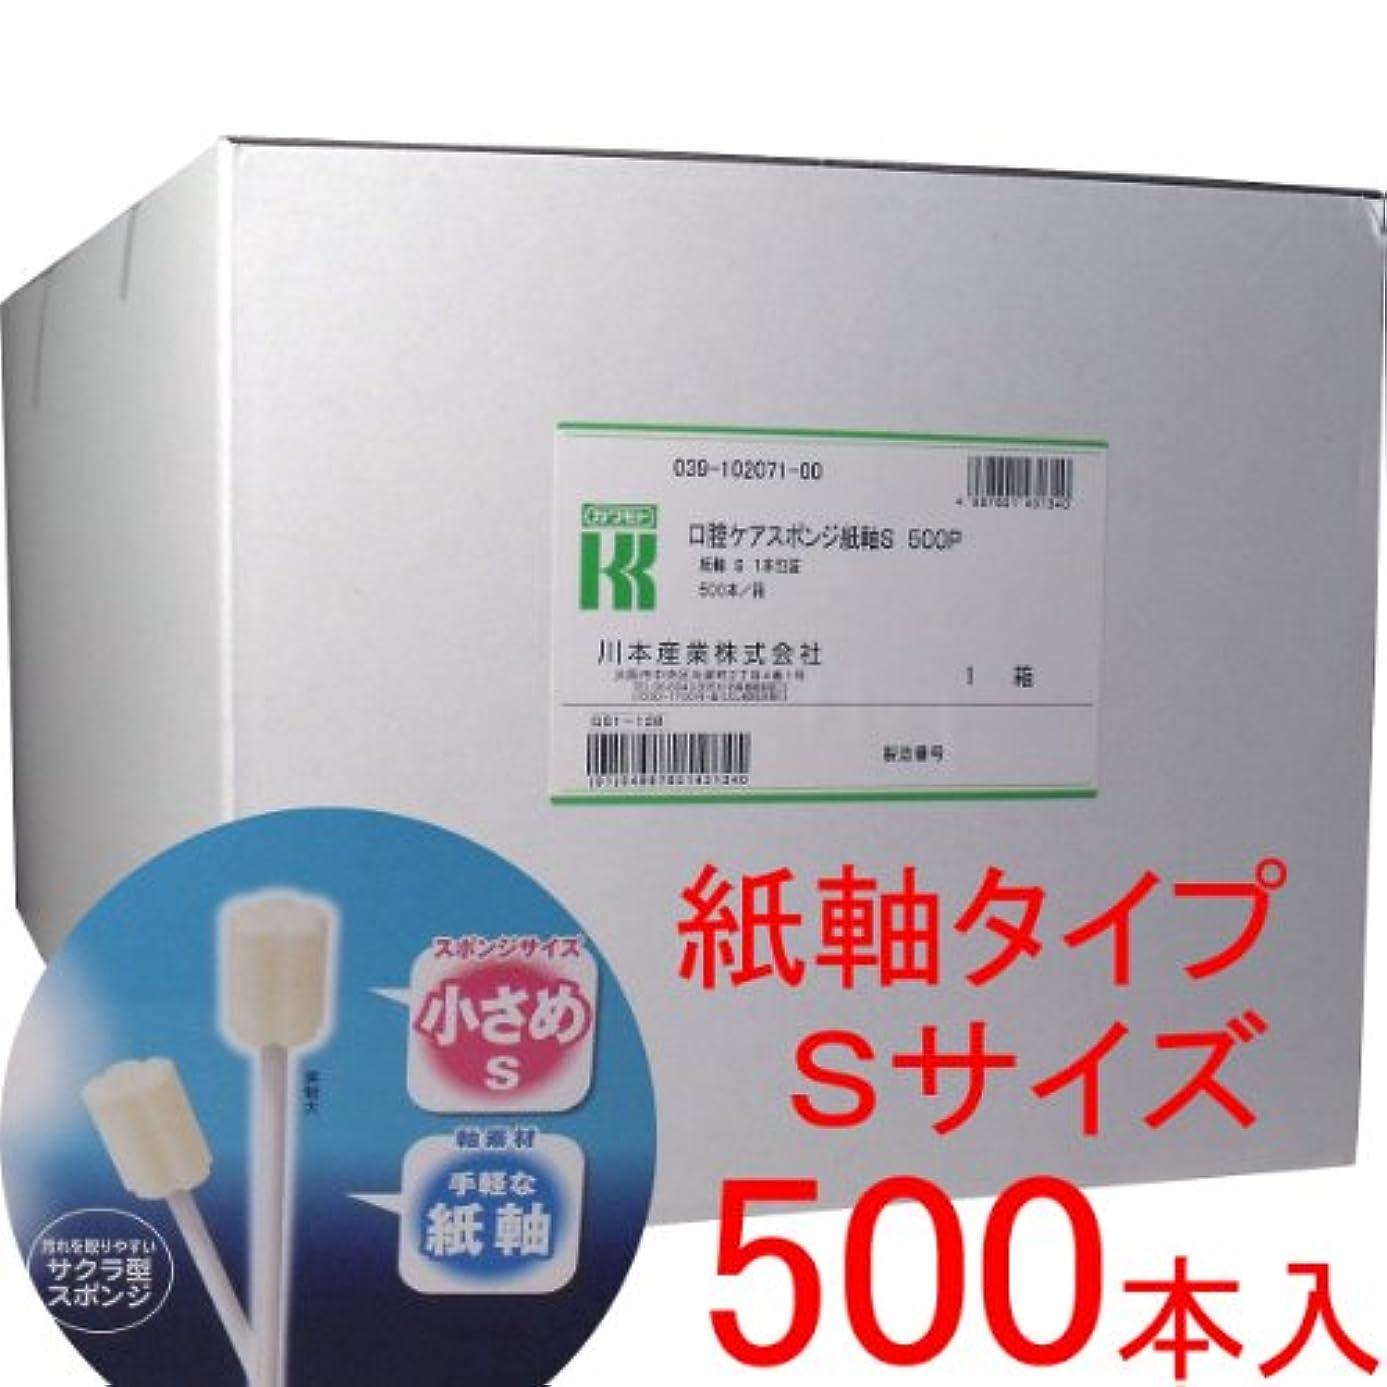 チャーター吸収剤緯度業務用マウスピュア 口腔ケアスポンジ 紙軸 Sサイズ 500本入